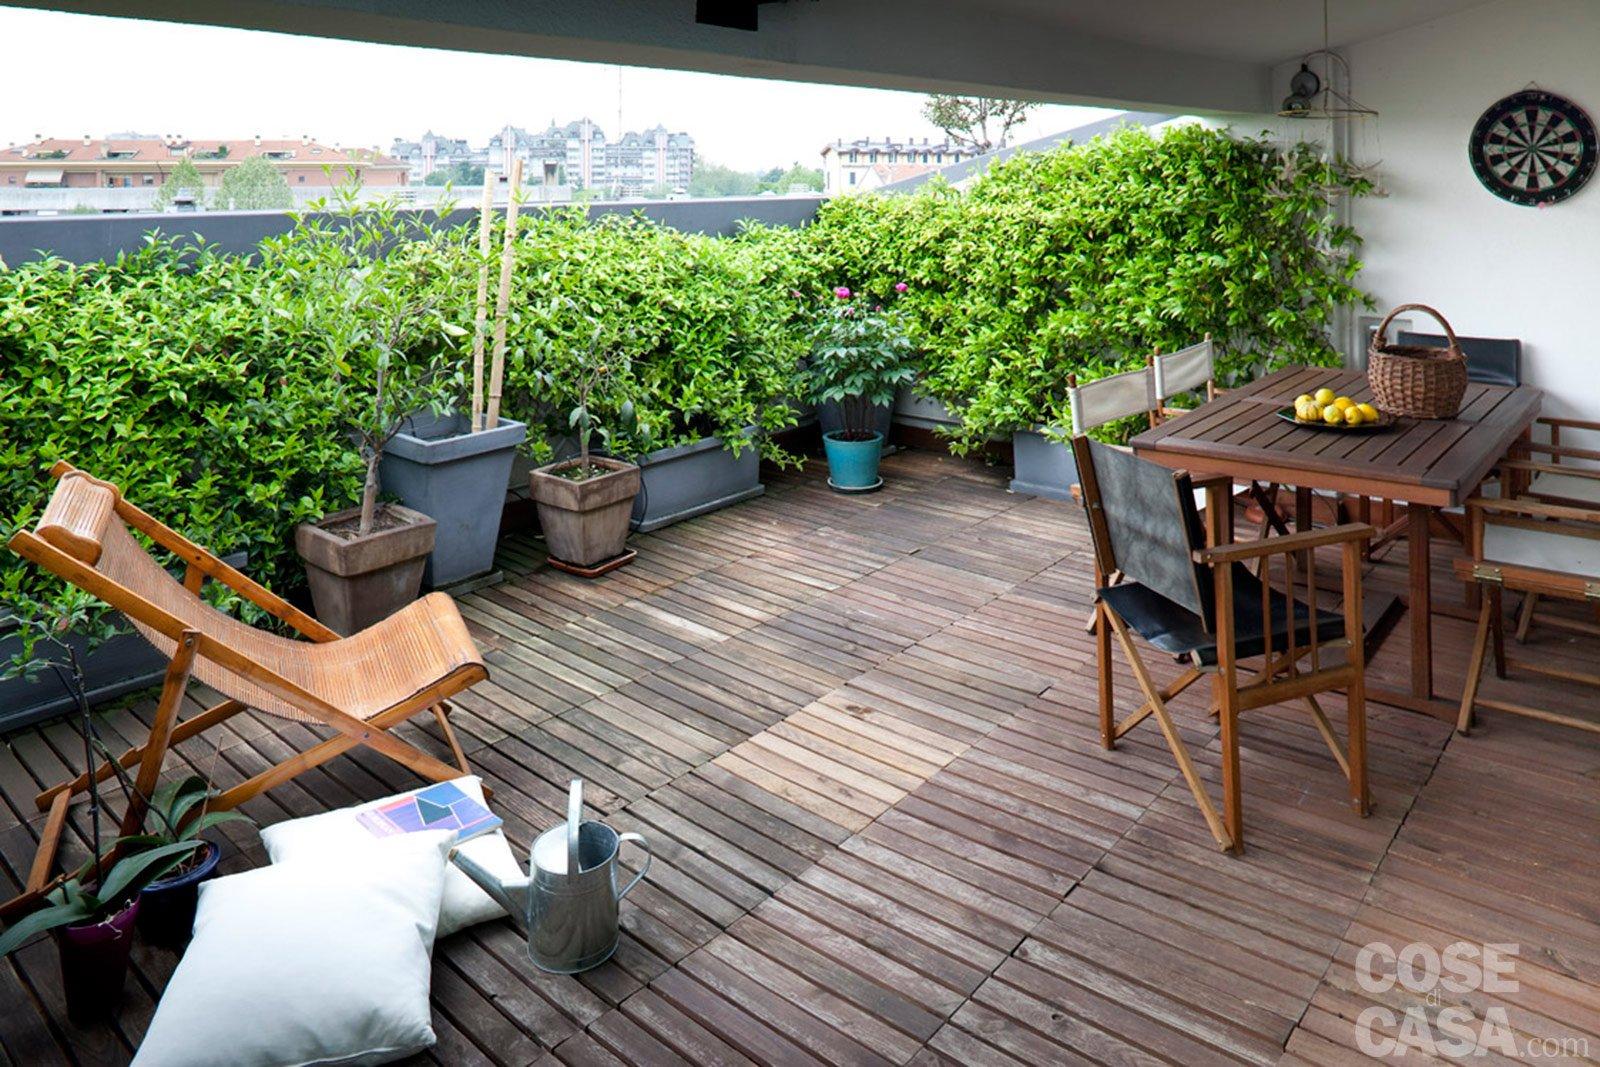 Una casa rinnovata nel look con luce moltiplicata cose - Mobile terrazzo legno ...